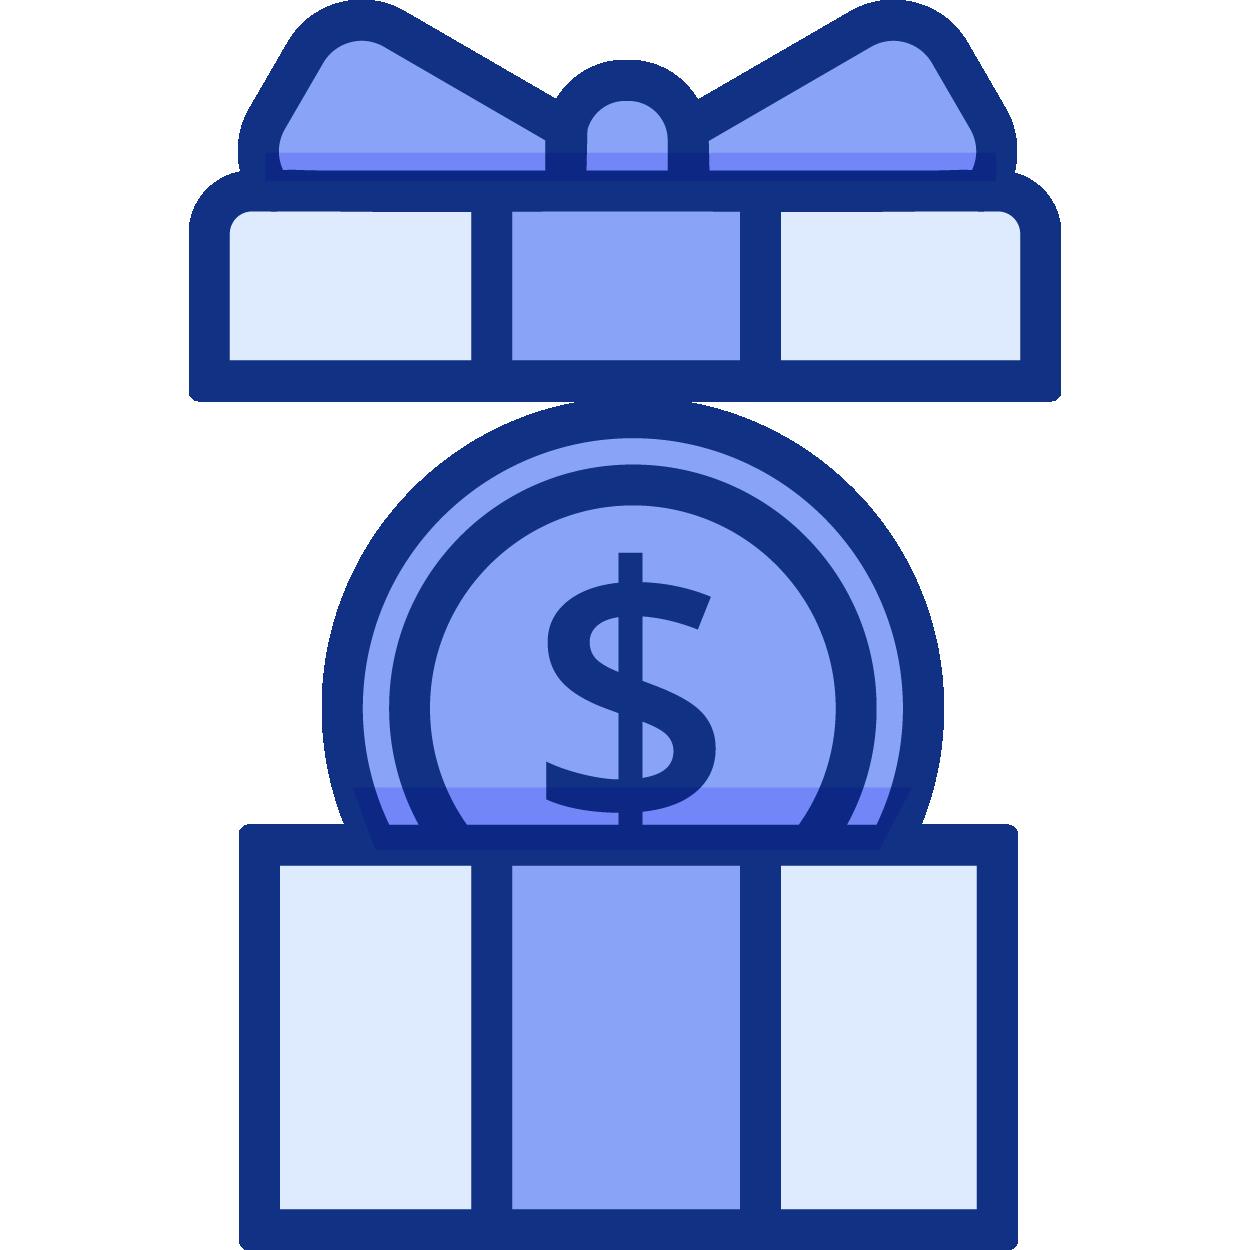 Bonusaktionen icon